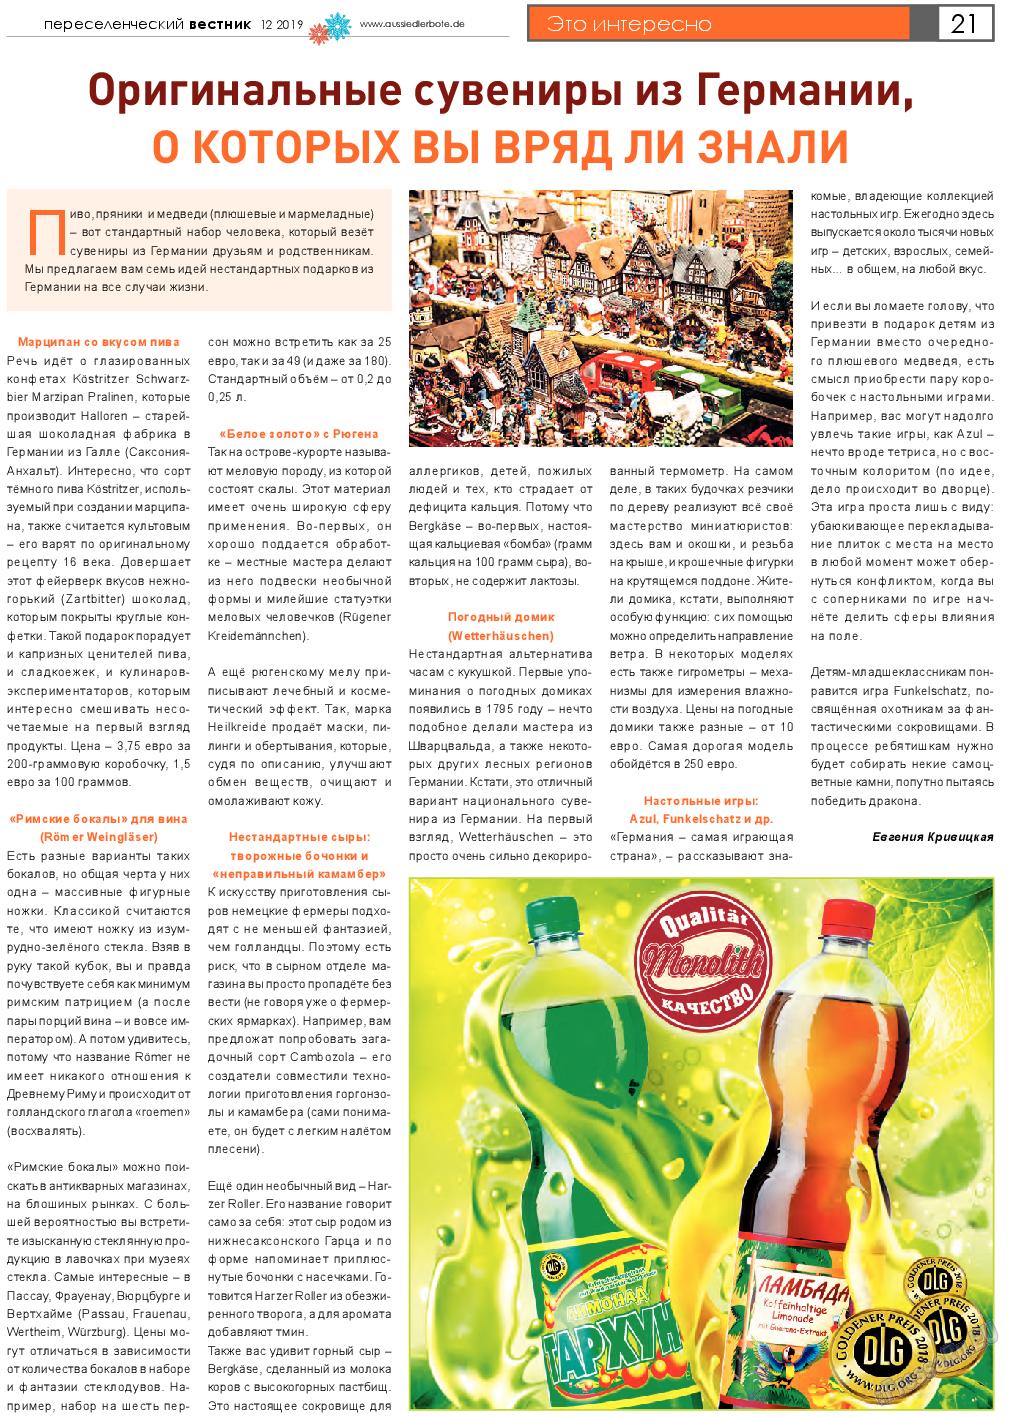 Переселенческий вестник (газета). 2019 год, номер 12, стр. 21